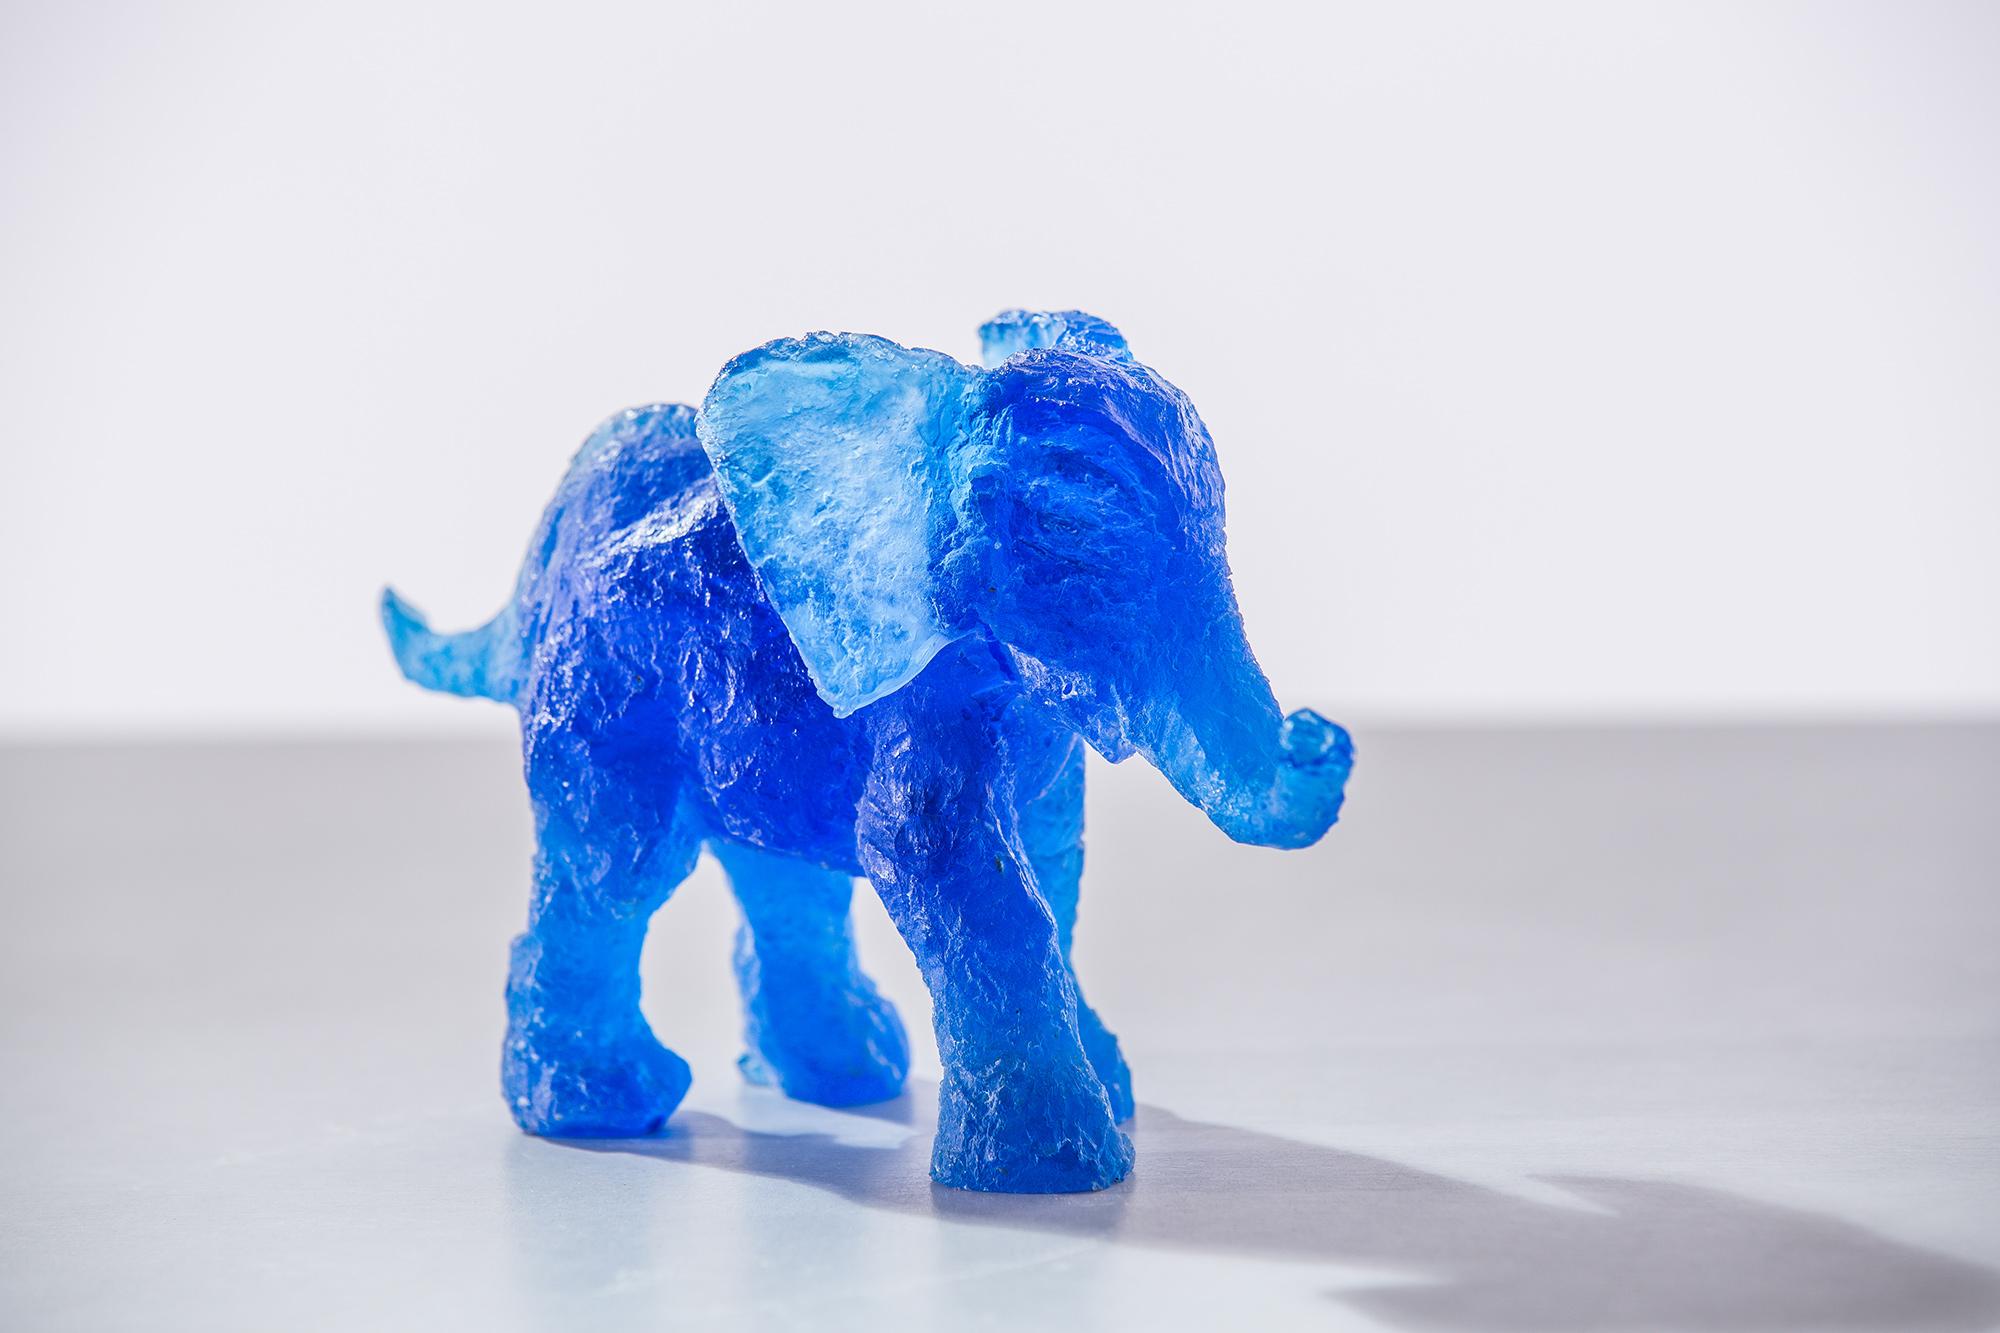 Tamu der kleine blaue Elefant (2015)